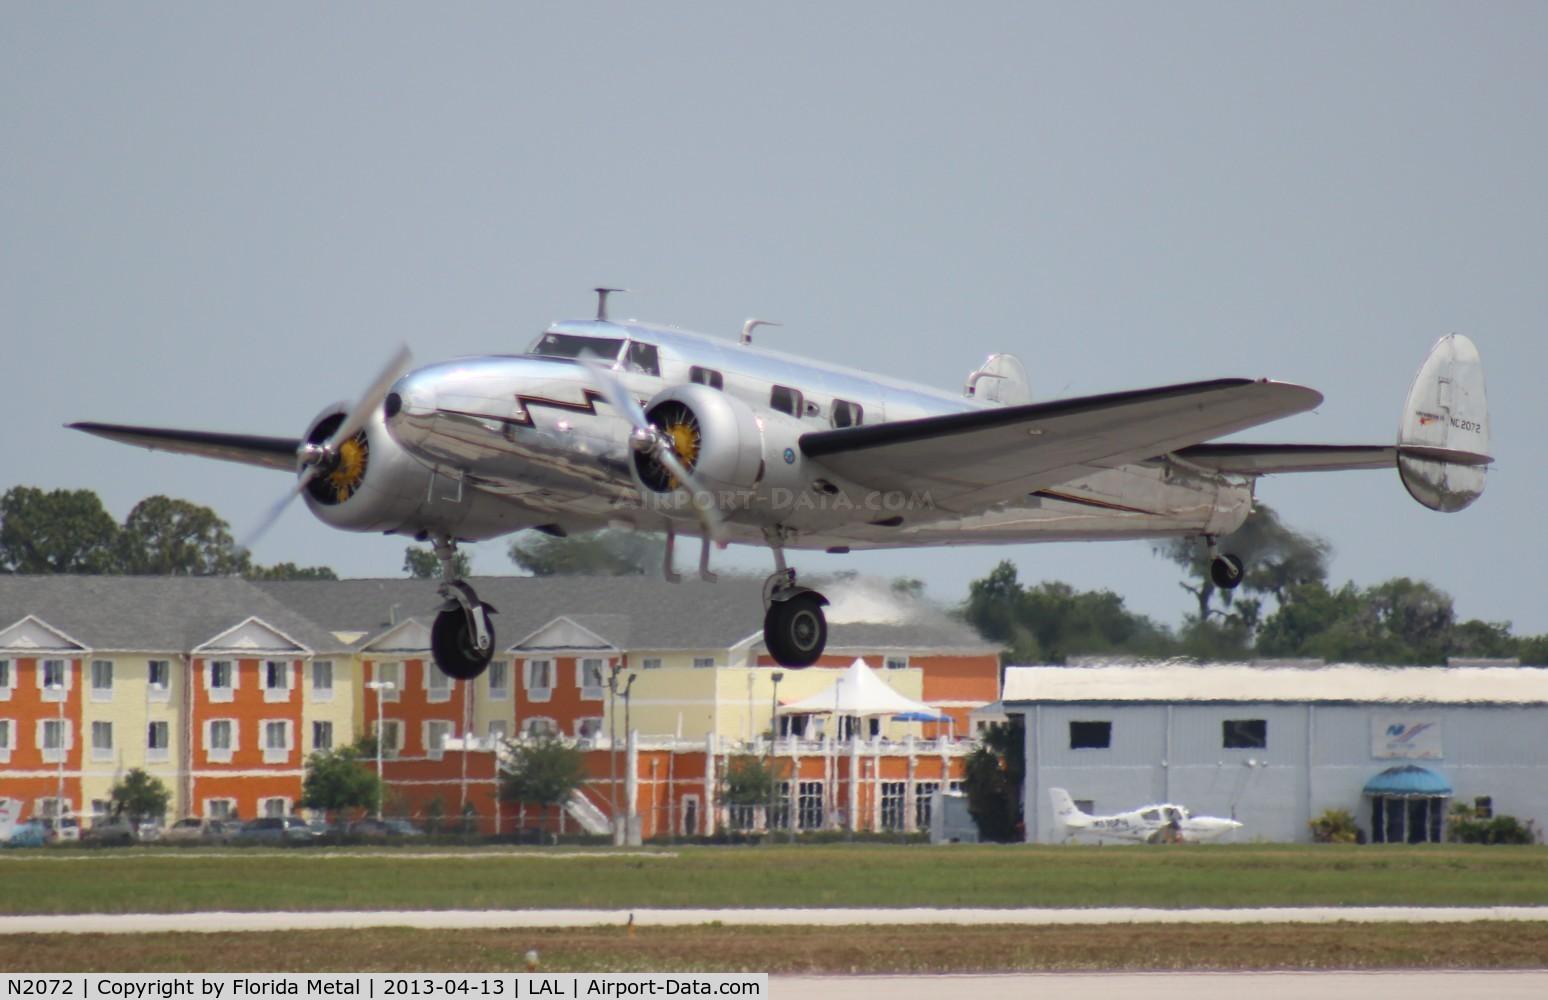 N2072, 1936 Lockheed 12A C/N 1208, Lockheed 12A